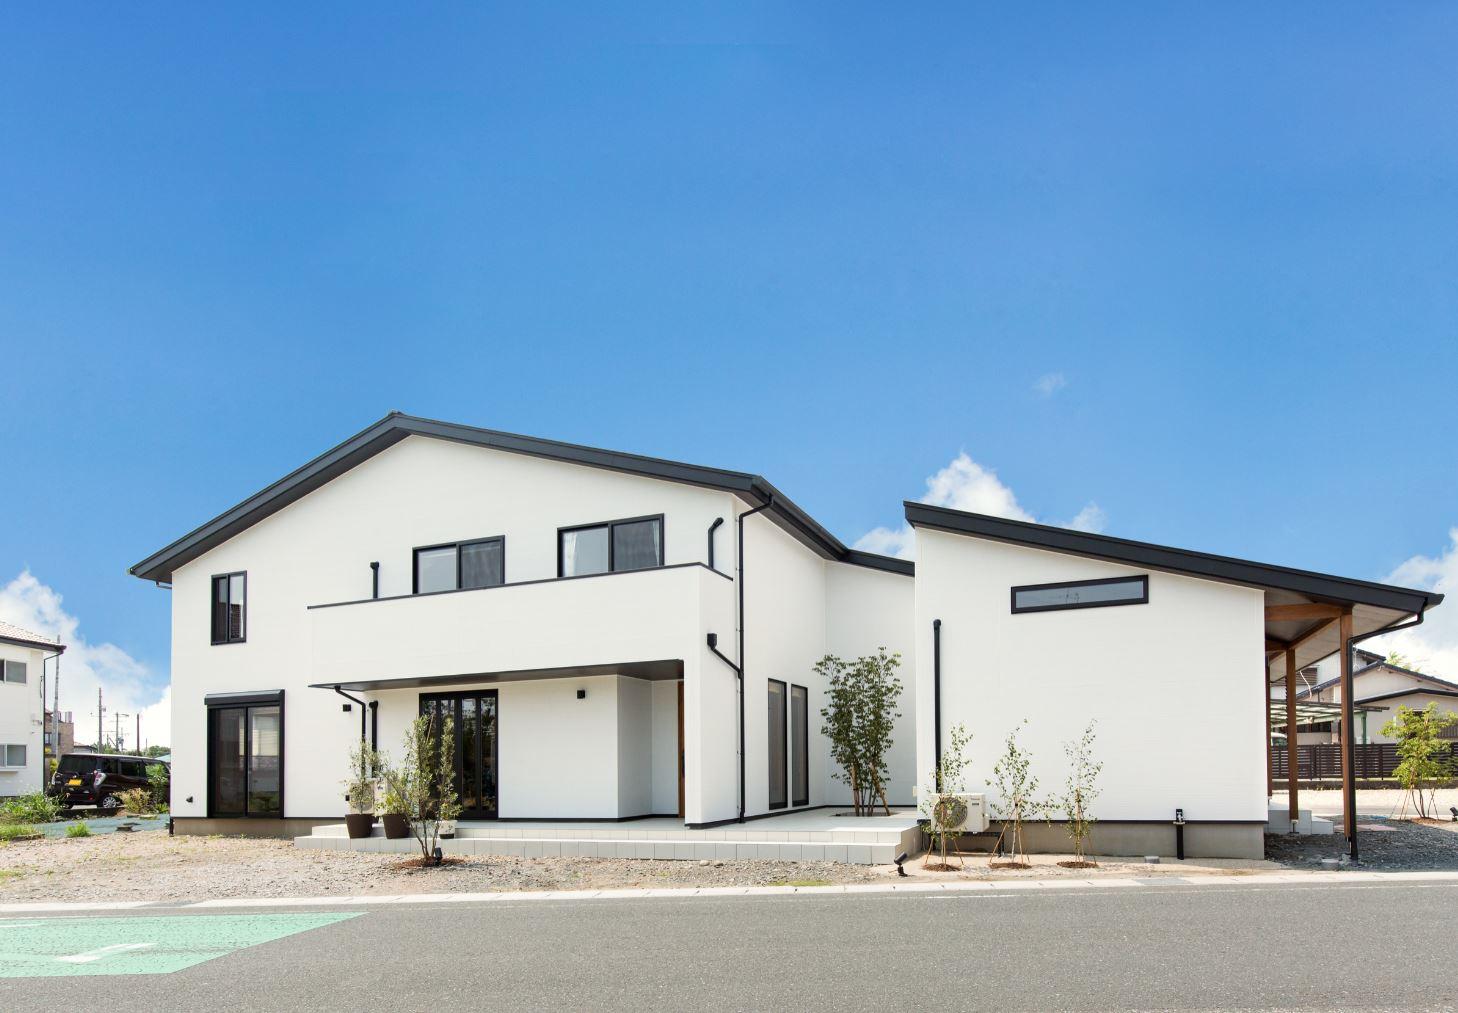 サイエンスホーム【浜松市浜北区西美薗652-2・モデルハウス】白と黒が調和したシンプルな外観